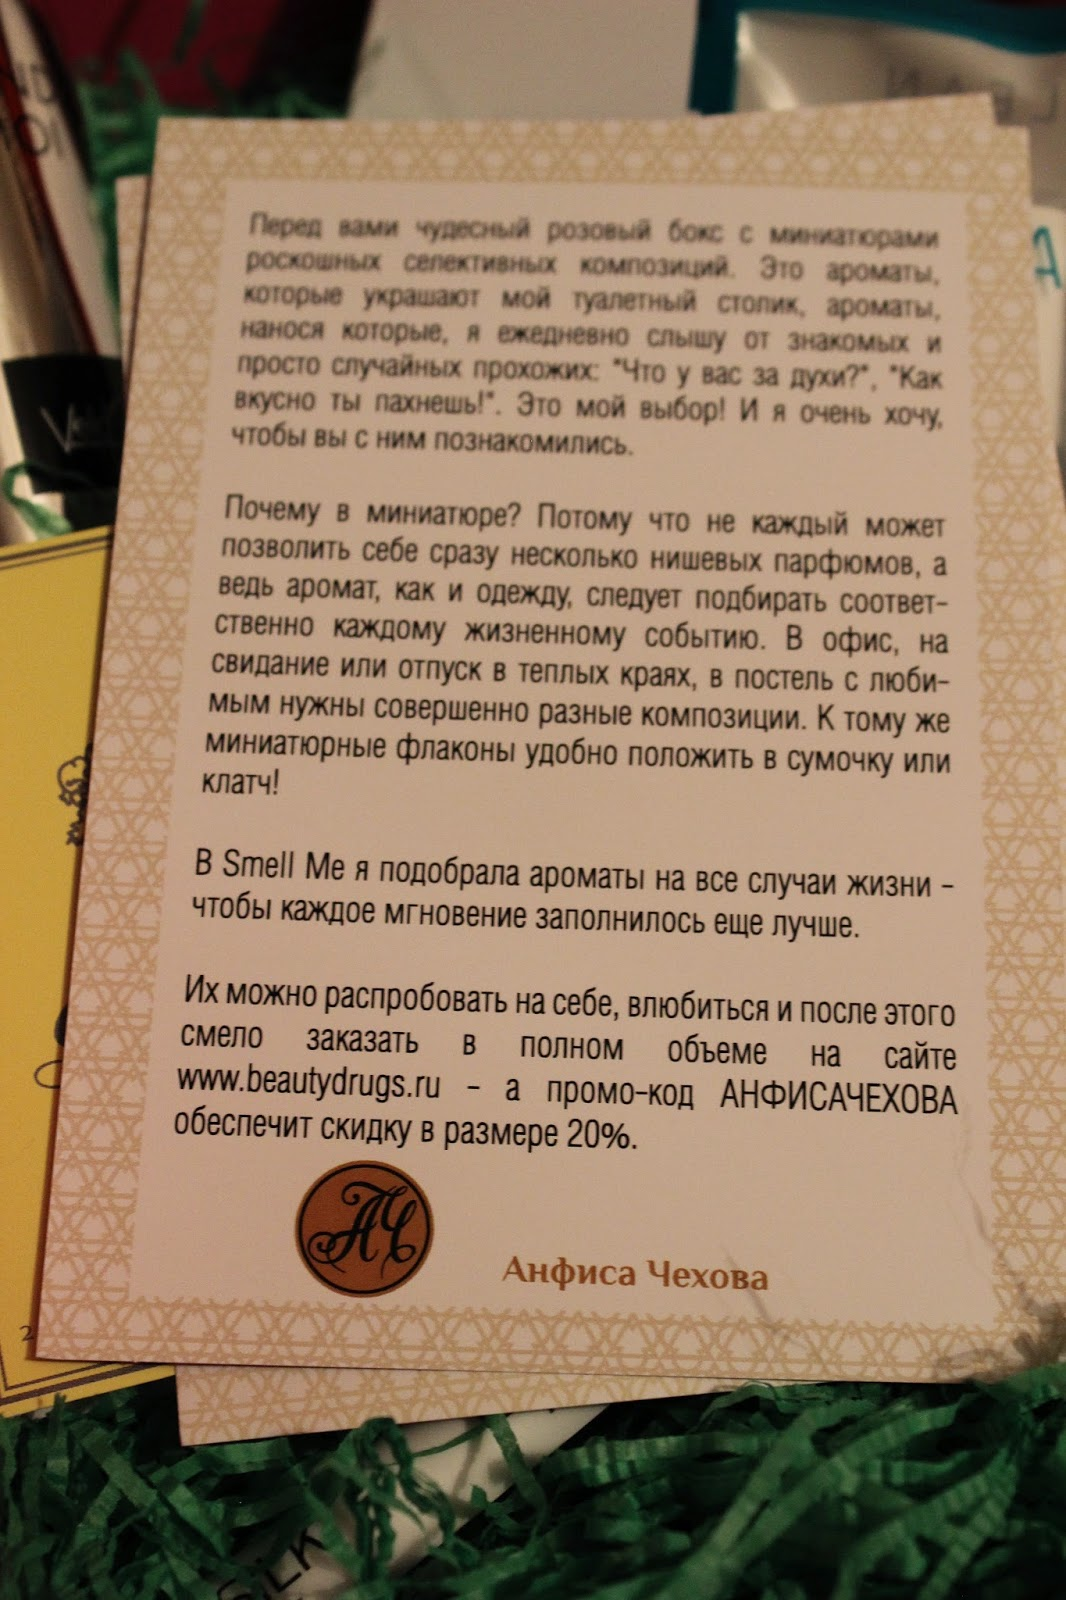 Буклет о парфюмерии в SMELL ME-боксе